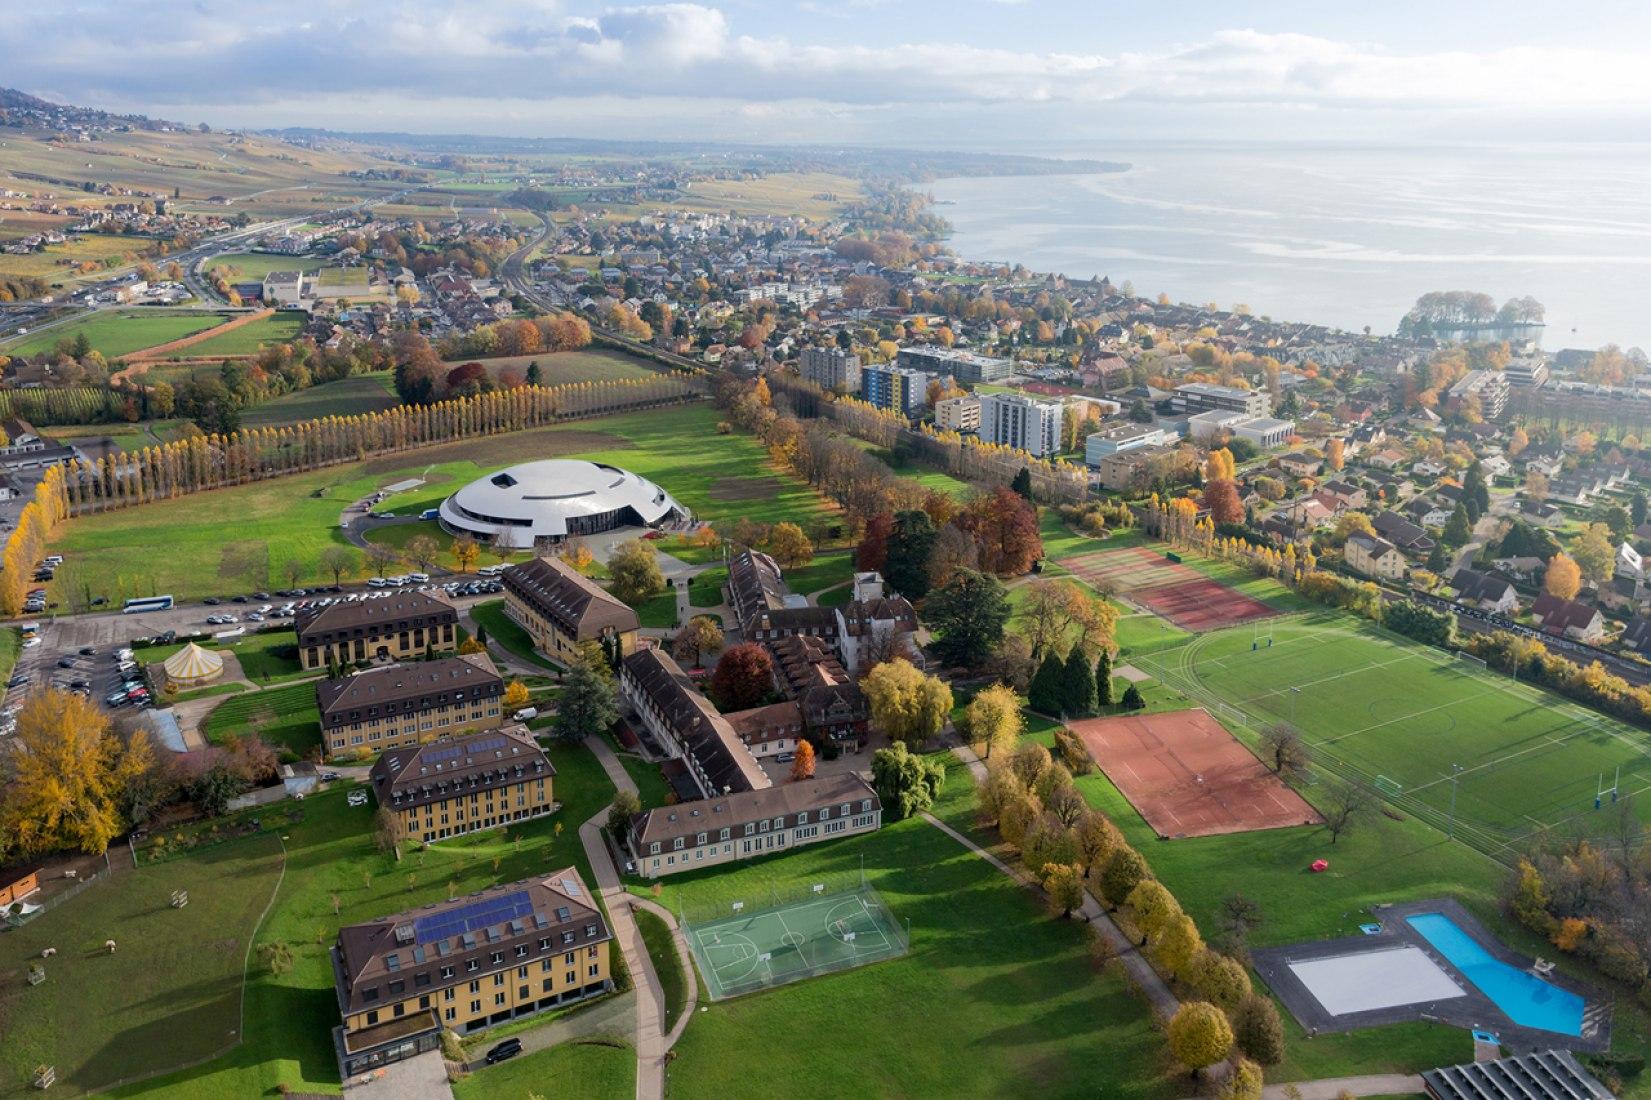 Vista aérea del campus. Le Rosey Concert Hall por Bernard Tschumi. Fotografía © Iwan baan